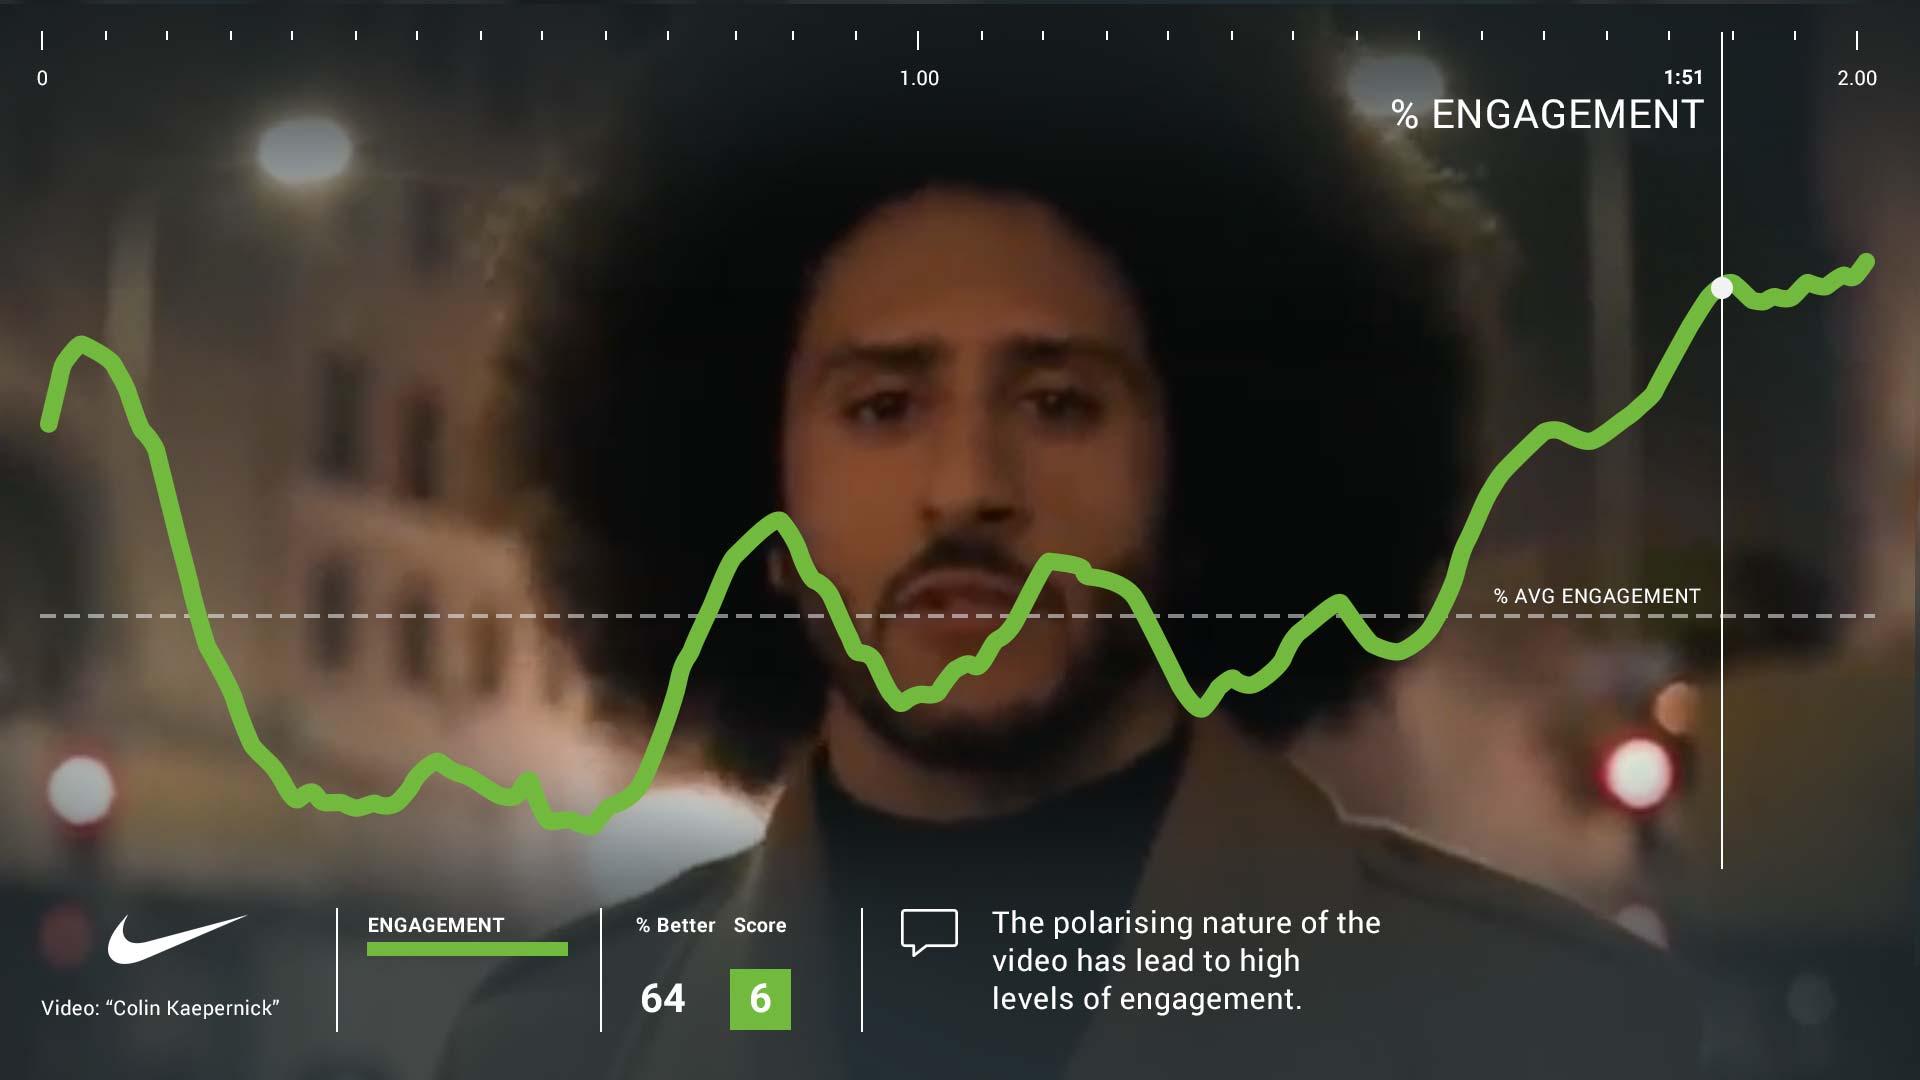 Nike_Kaepernick_Engagement-1